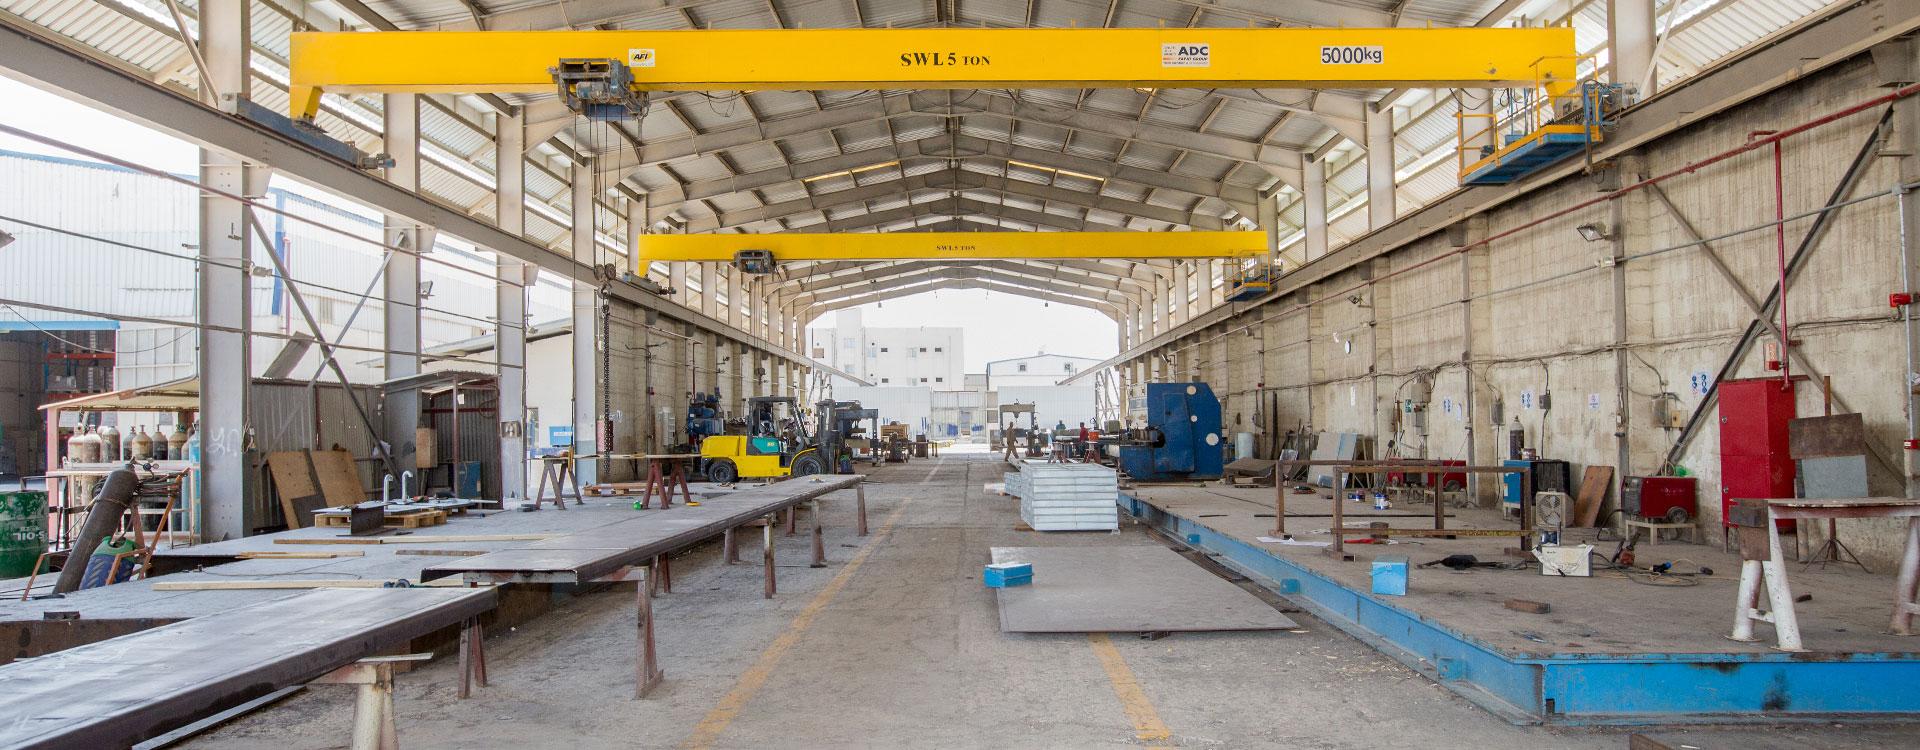 Almana Steel Structures WLL